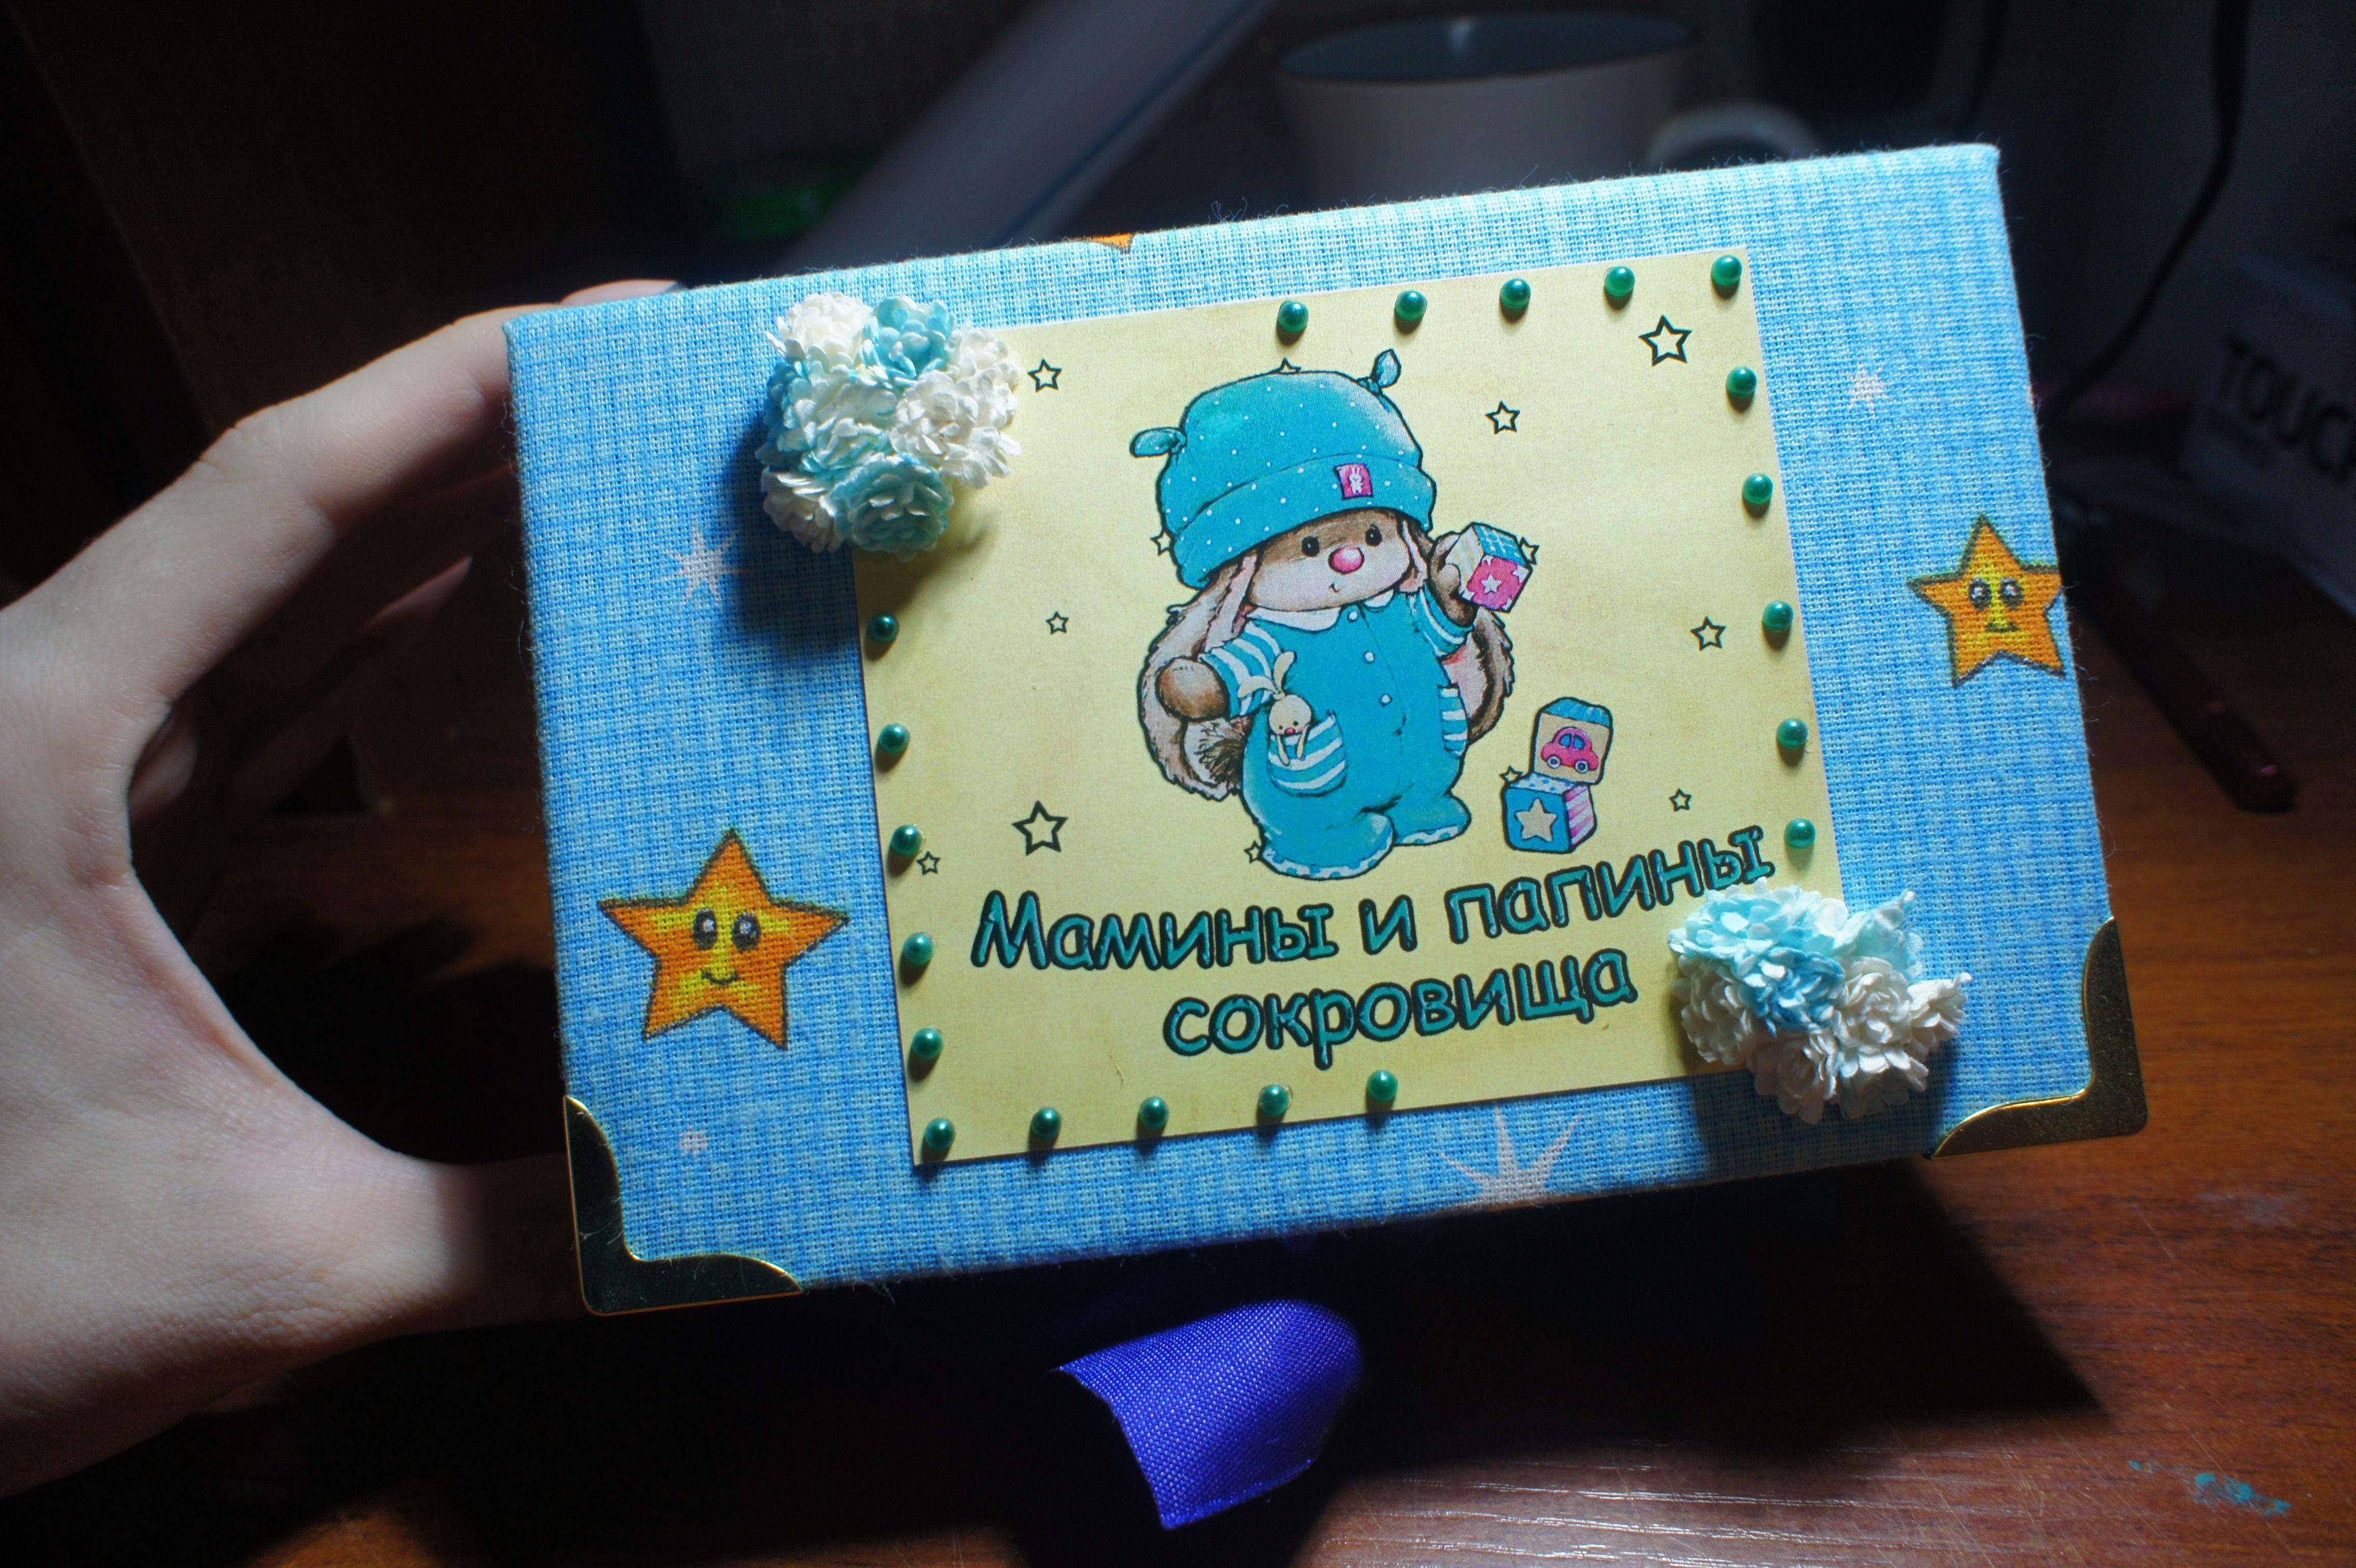 память дети мамины сокровища коробочка подарки